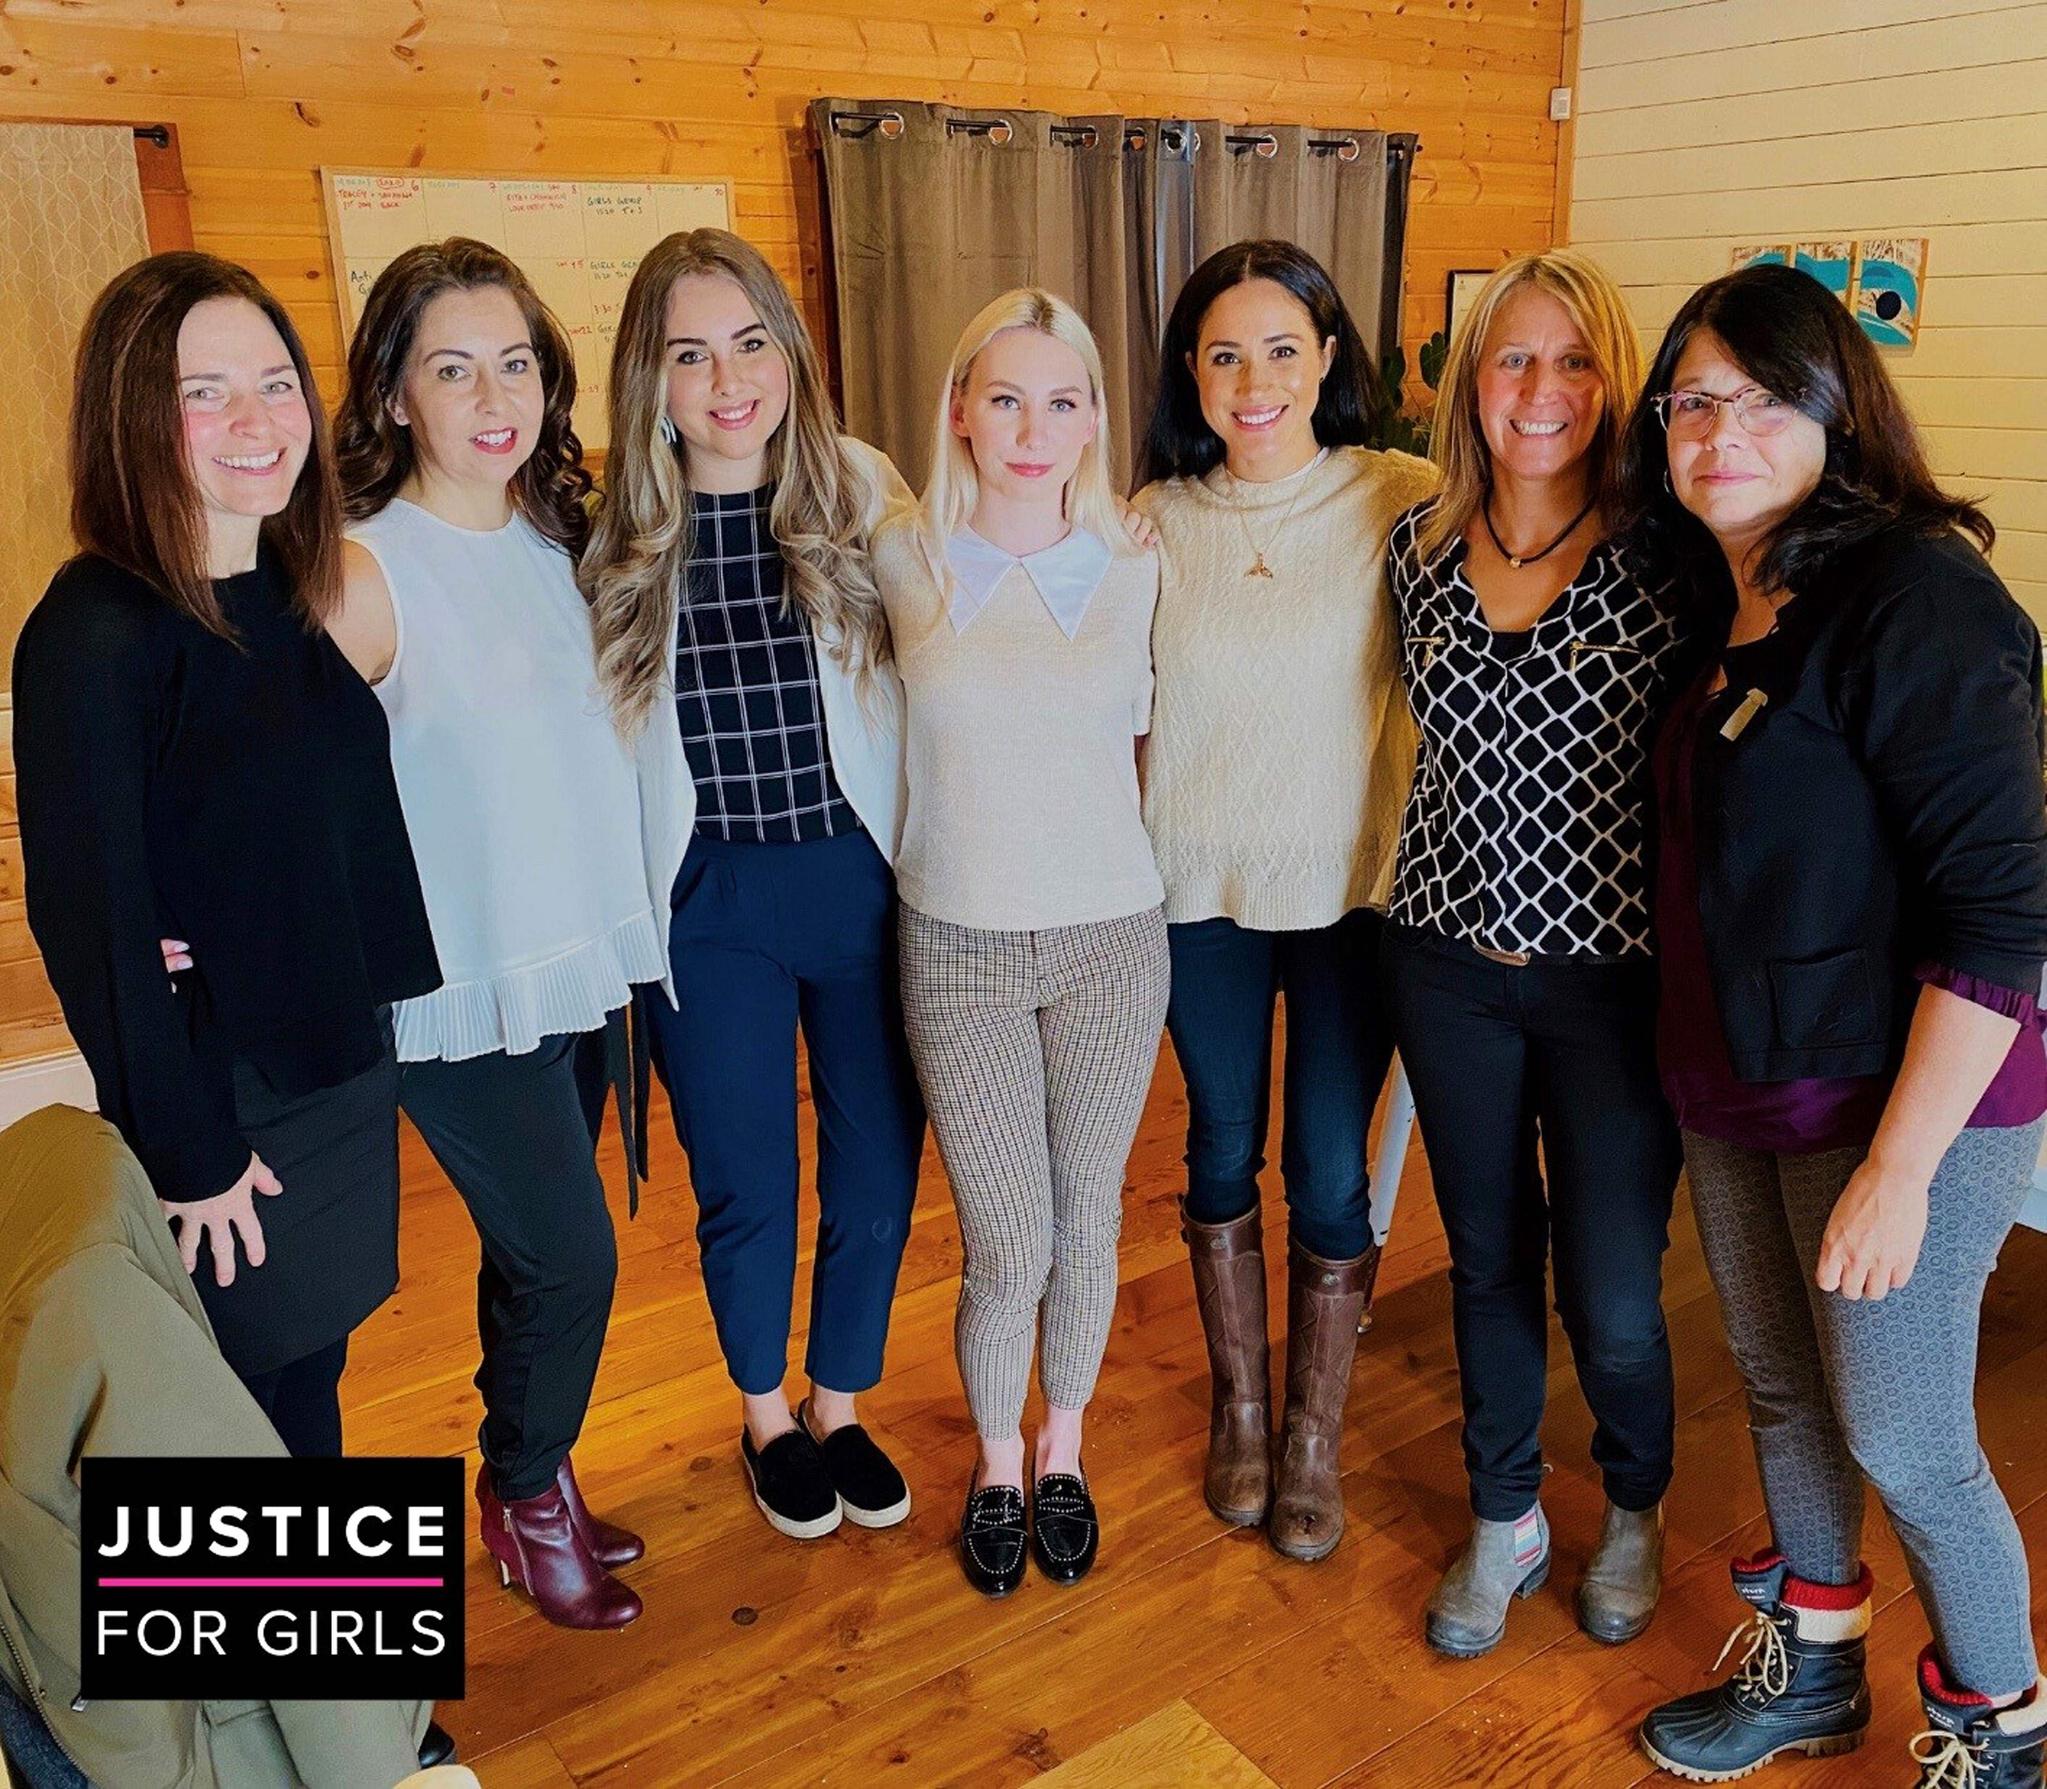 메건 마클 왕자비가 14일(현지시간) 캐나다 밴쿠버에 있는 자선단체인 '소녀들을 위한 정의'(Justice For Girls)를 방문해 기념촬영하고 있다. [AFP=연합뉴스]